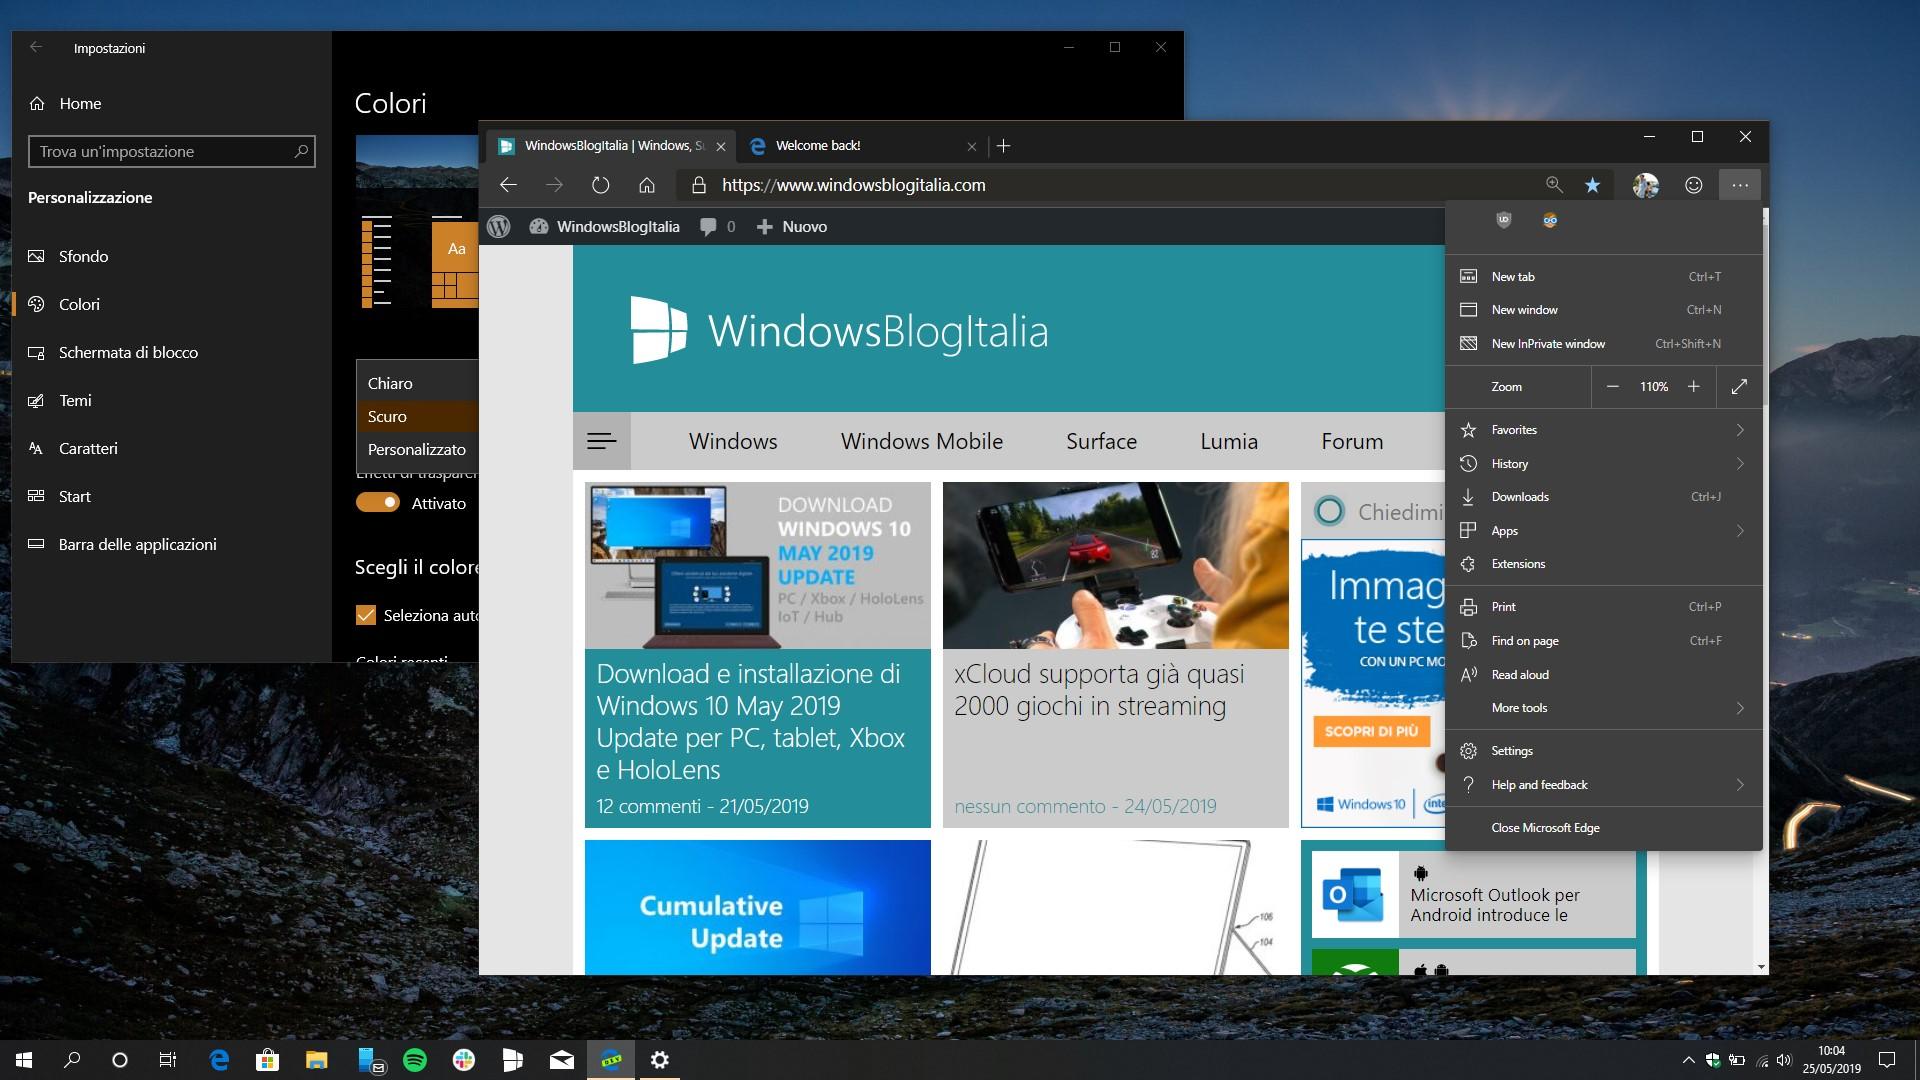 Microsoft Edge Dev tema scuro ufficiale